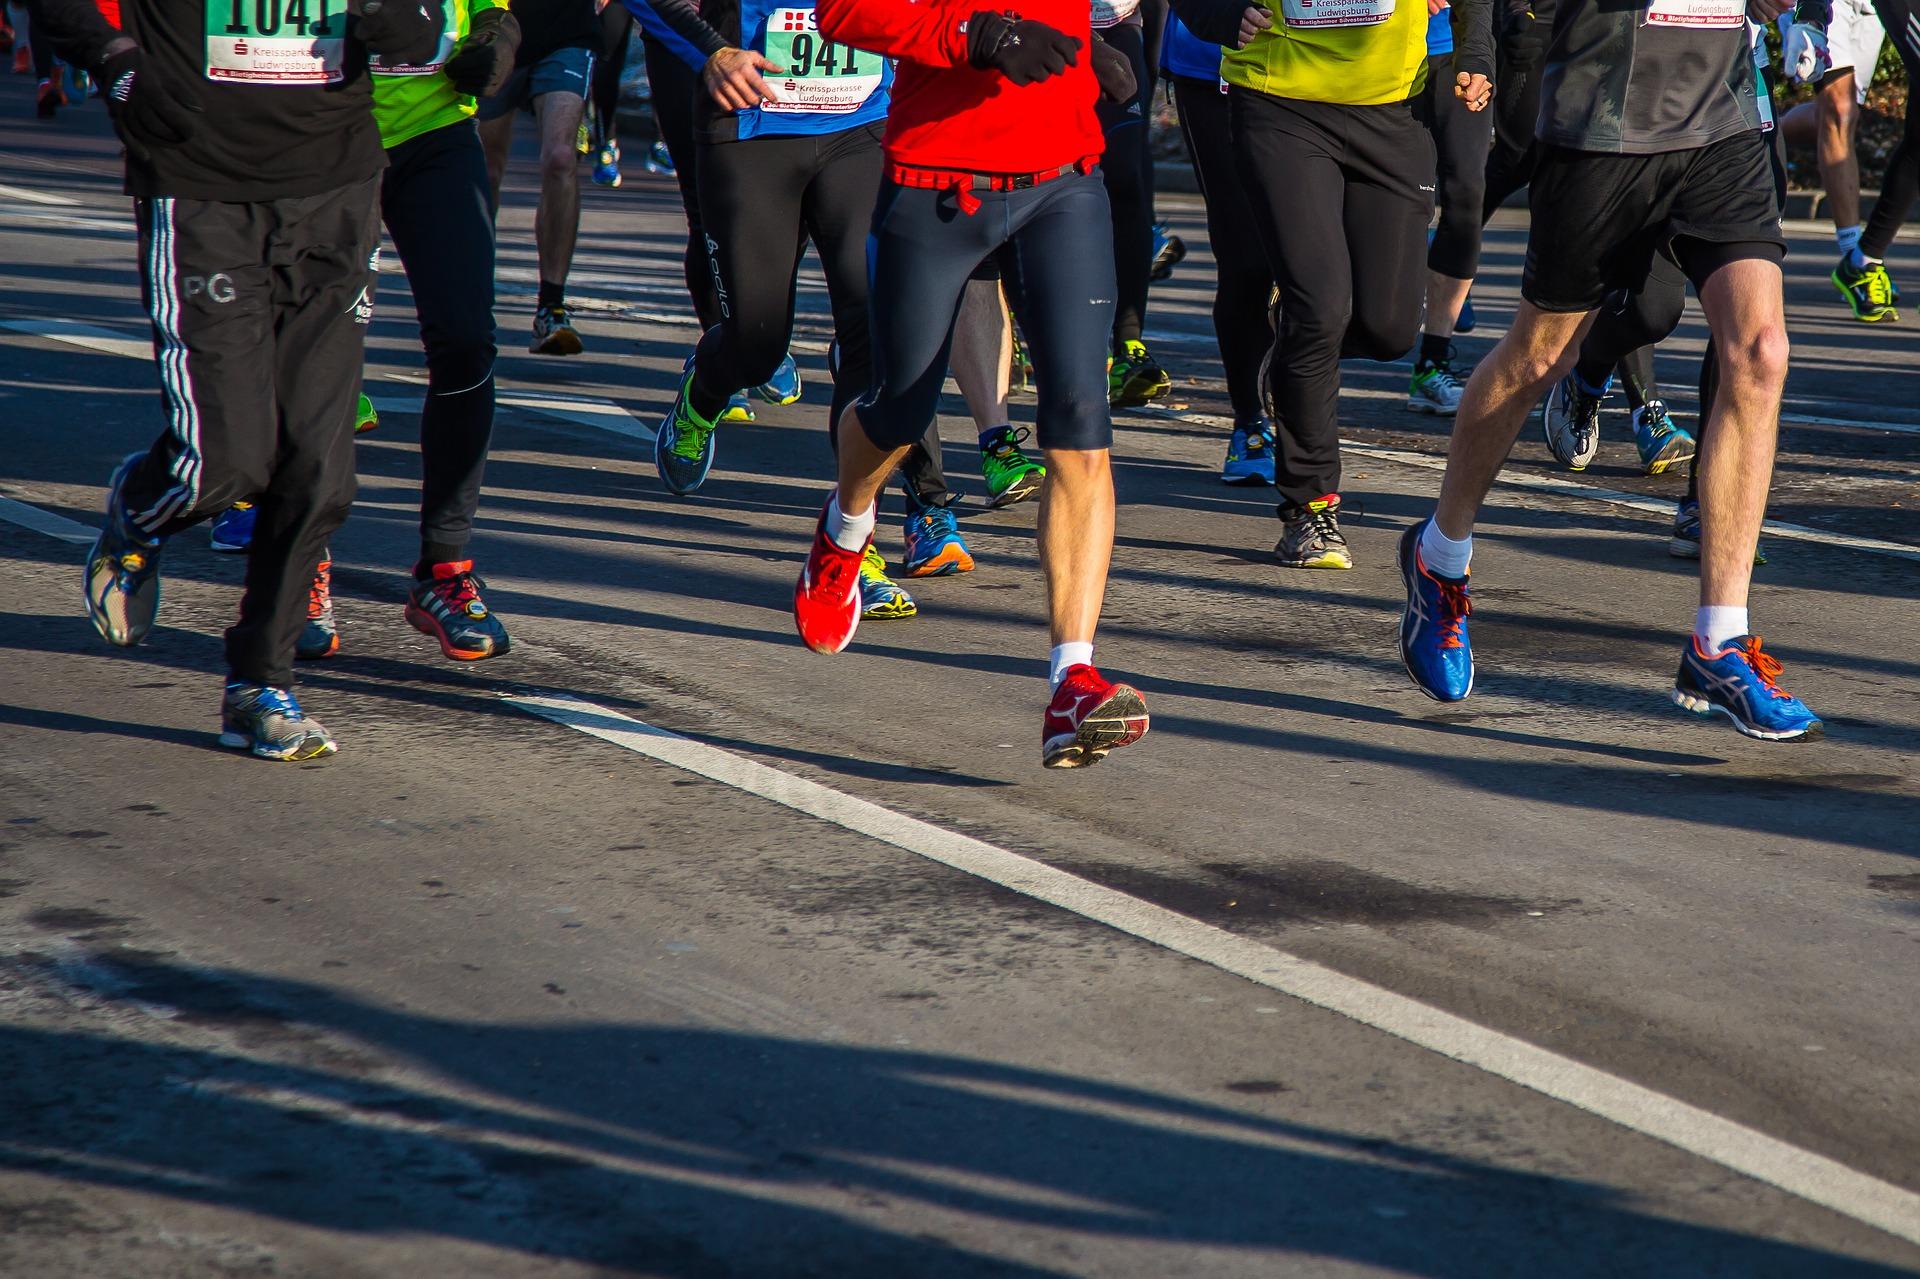 Consulta las inscripciones si quieres participar en algún maratón | Foto: PIxabay